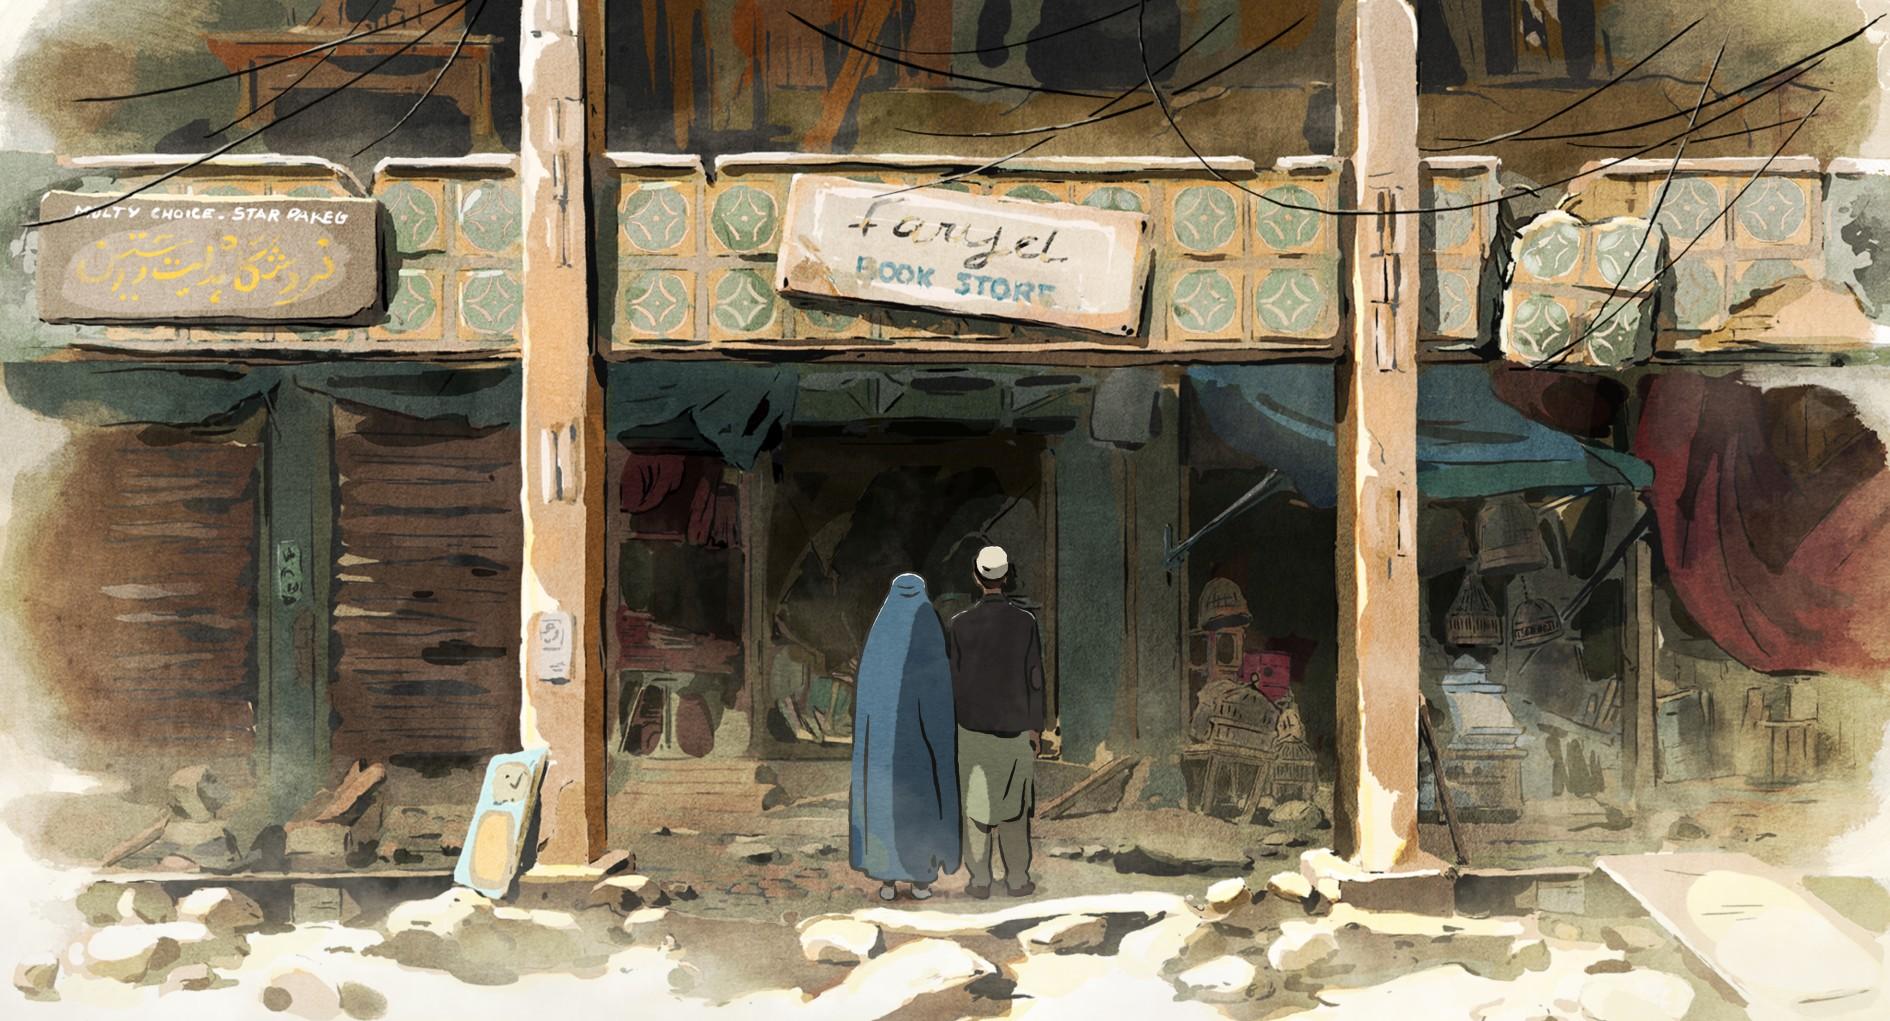 ΤΑ ΧΕΛΙΔΟΝΙΑ ΤΗΣ ΚΑΜΠΟΥΛ σε σκηνοθεσία των Ζαμπού Μπρετμάν και Ελεά Γκομπέ – Μεβεγιέκ (